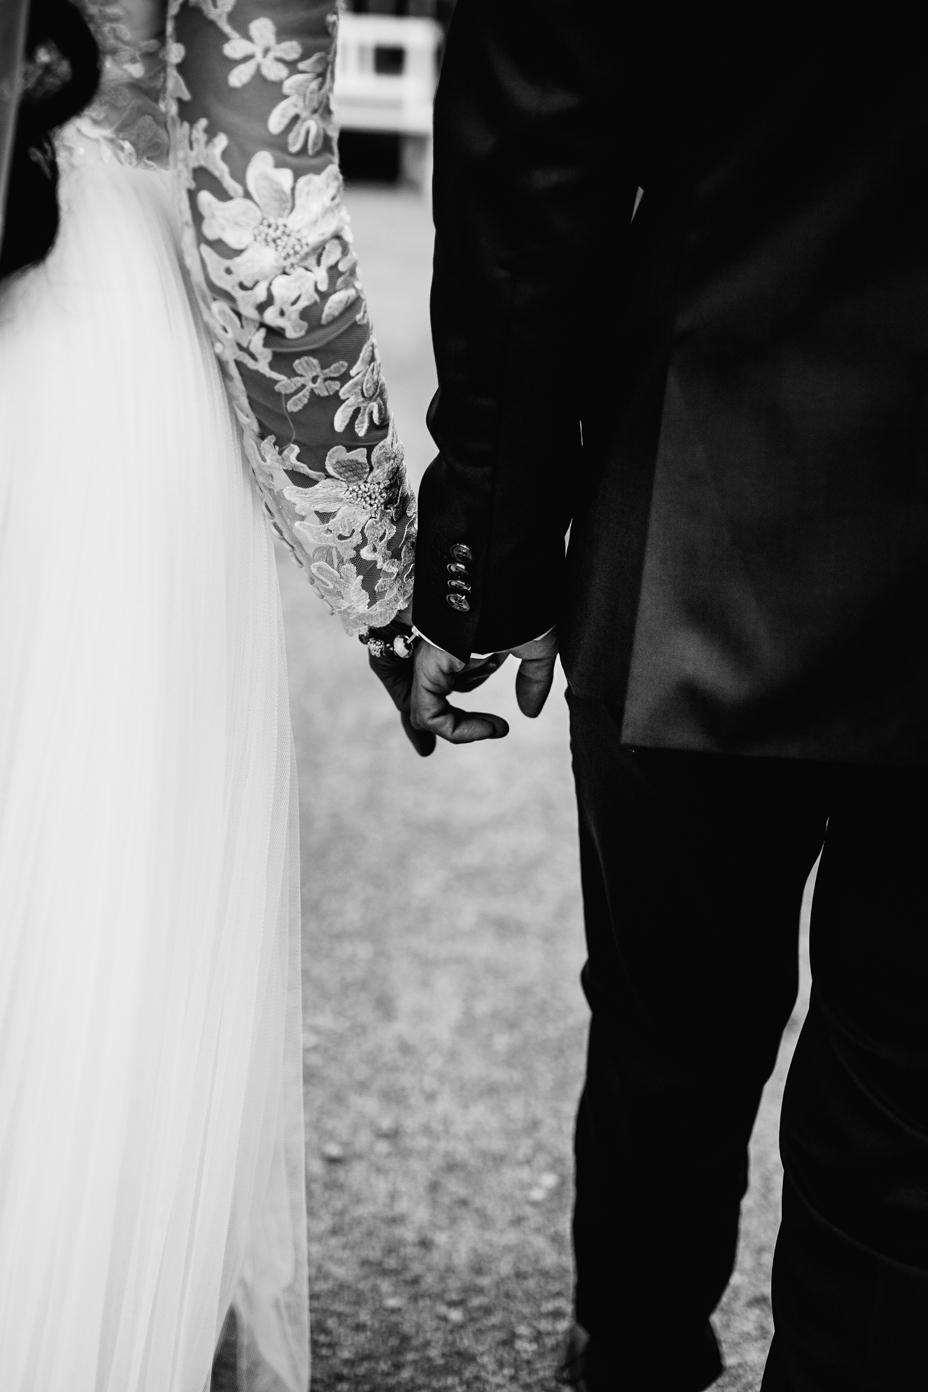 Hochzeitsfotograf-Kassel-Orangerie-Inka Englisch Photography-Hochzeitsreportage-Aue-Wedding-Photographer-Lifestyle-Storytelling-113